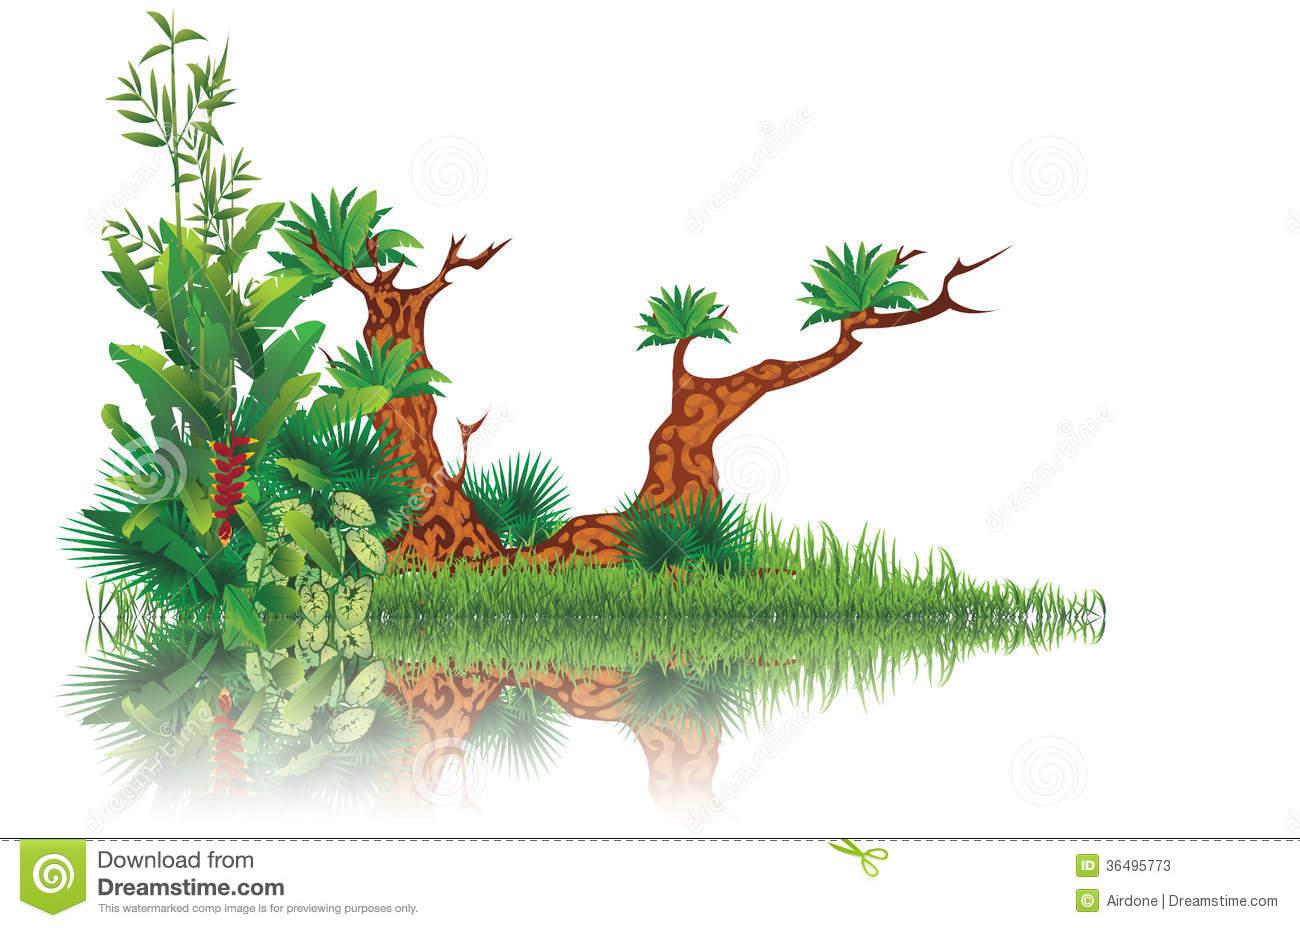 Trees water clipart jpg jpg Trees water clipart jpg - ClipartFest jpg